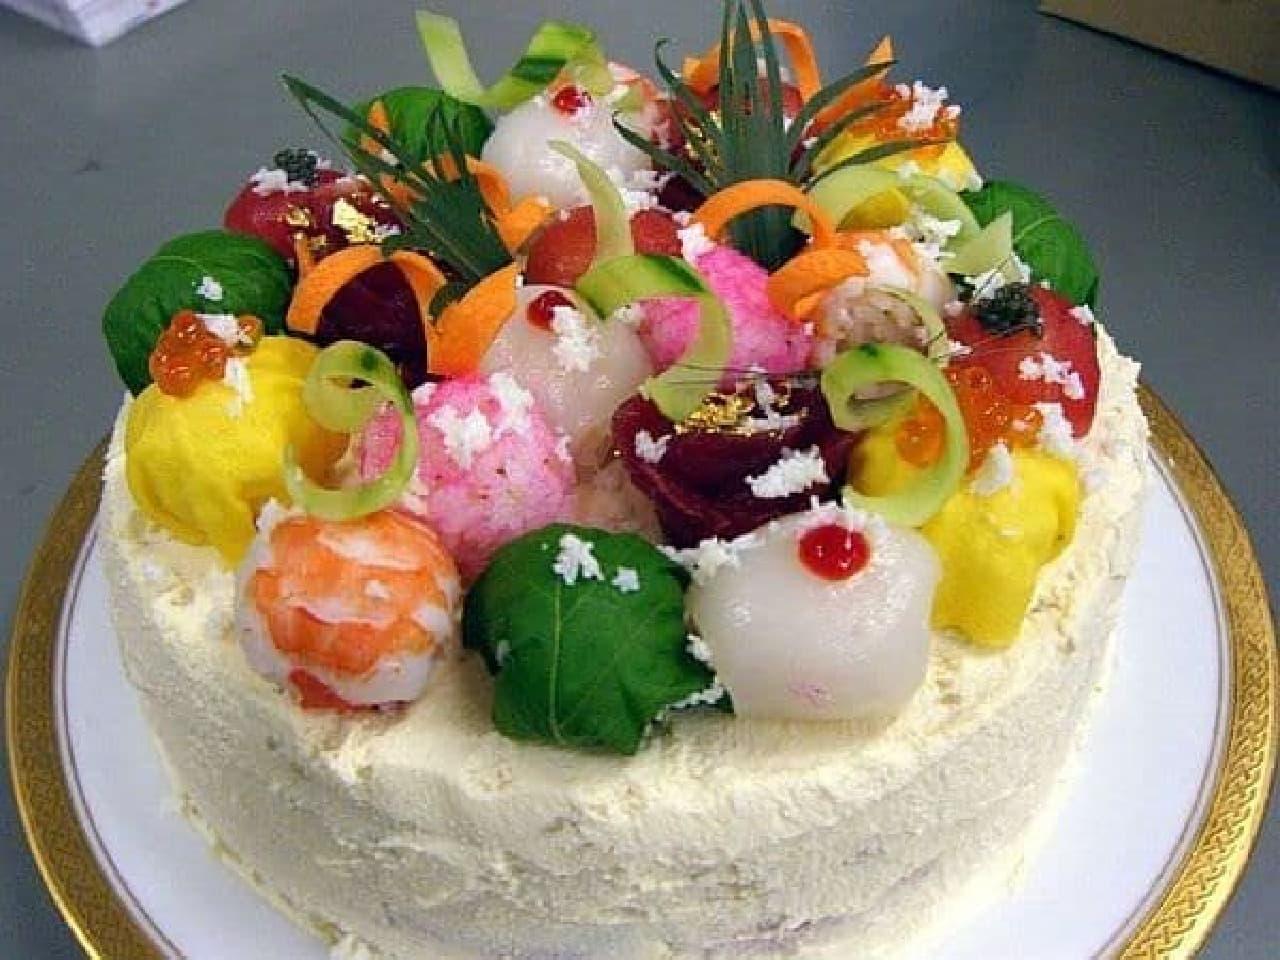 まるで本物のデコレーションケーキ!